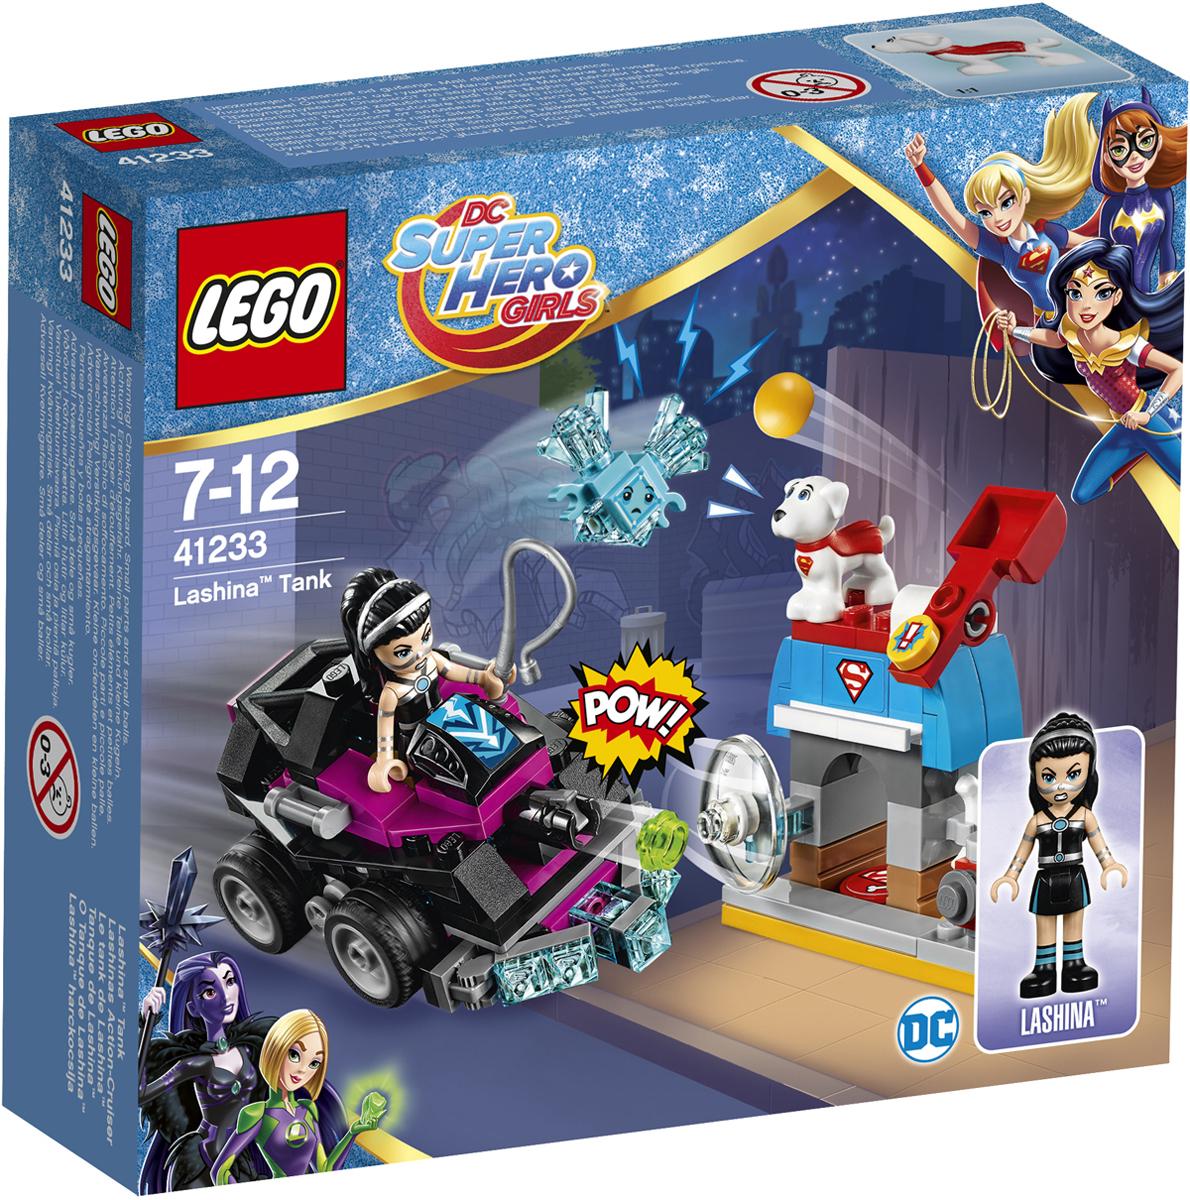 LEGO DC Super Hero Girls Конструктор Танк Лашины 41233 велосипед navigator super hero girls 18 разноцветный двухколёсный